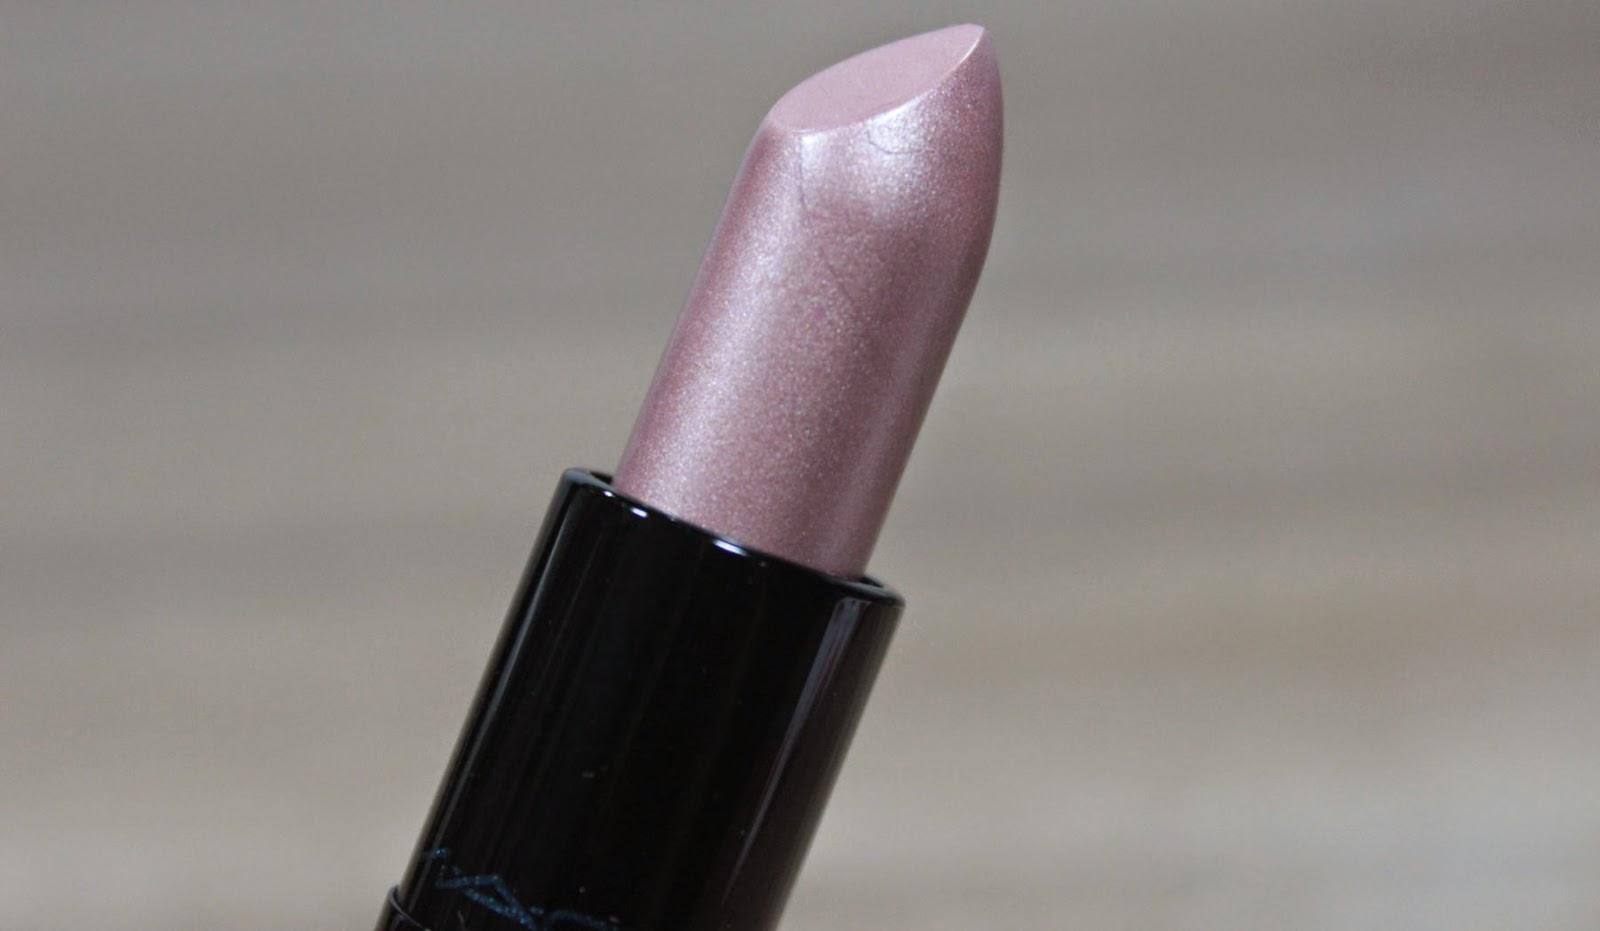 frost, mac, batom, swatch, alluring aquatic, limited edition, edição limitada, collection, coleção, amiga, lipstick